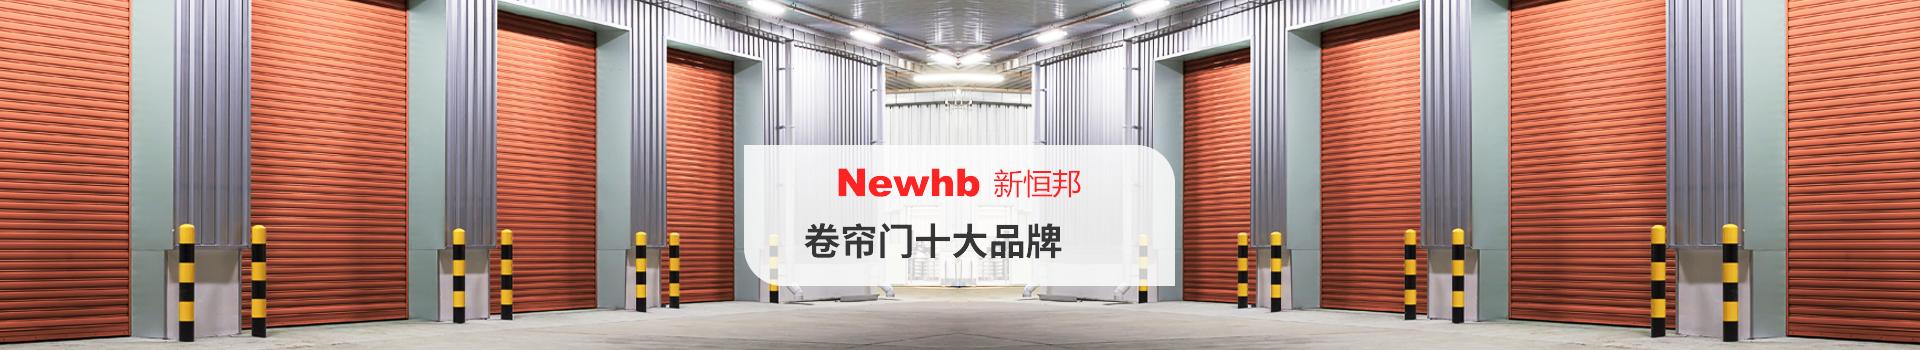 Newhb新恒邦卷帘门十大品牌